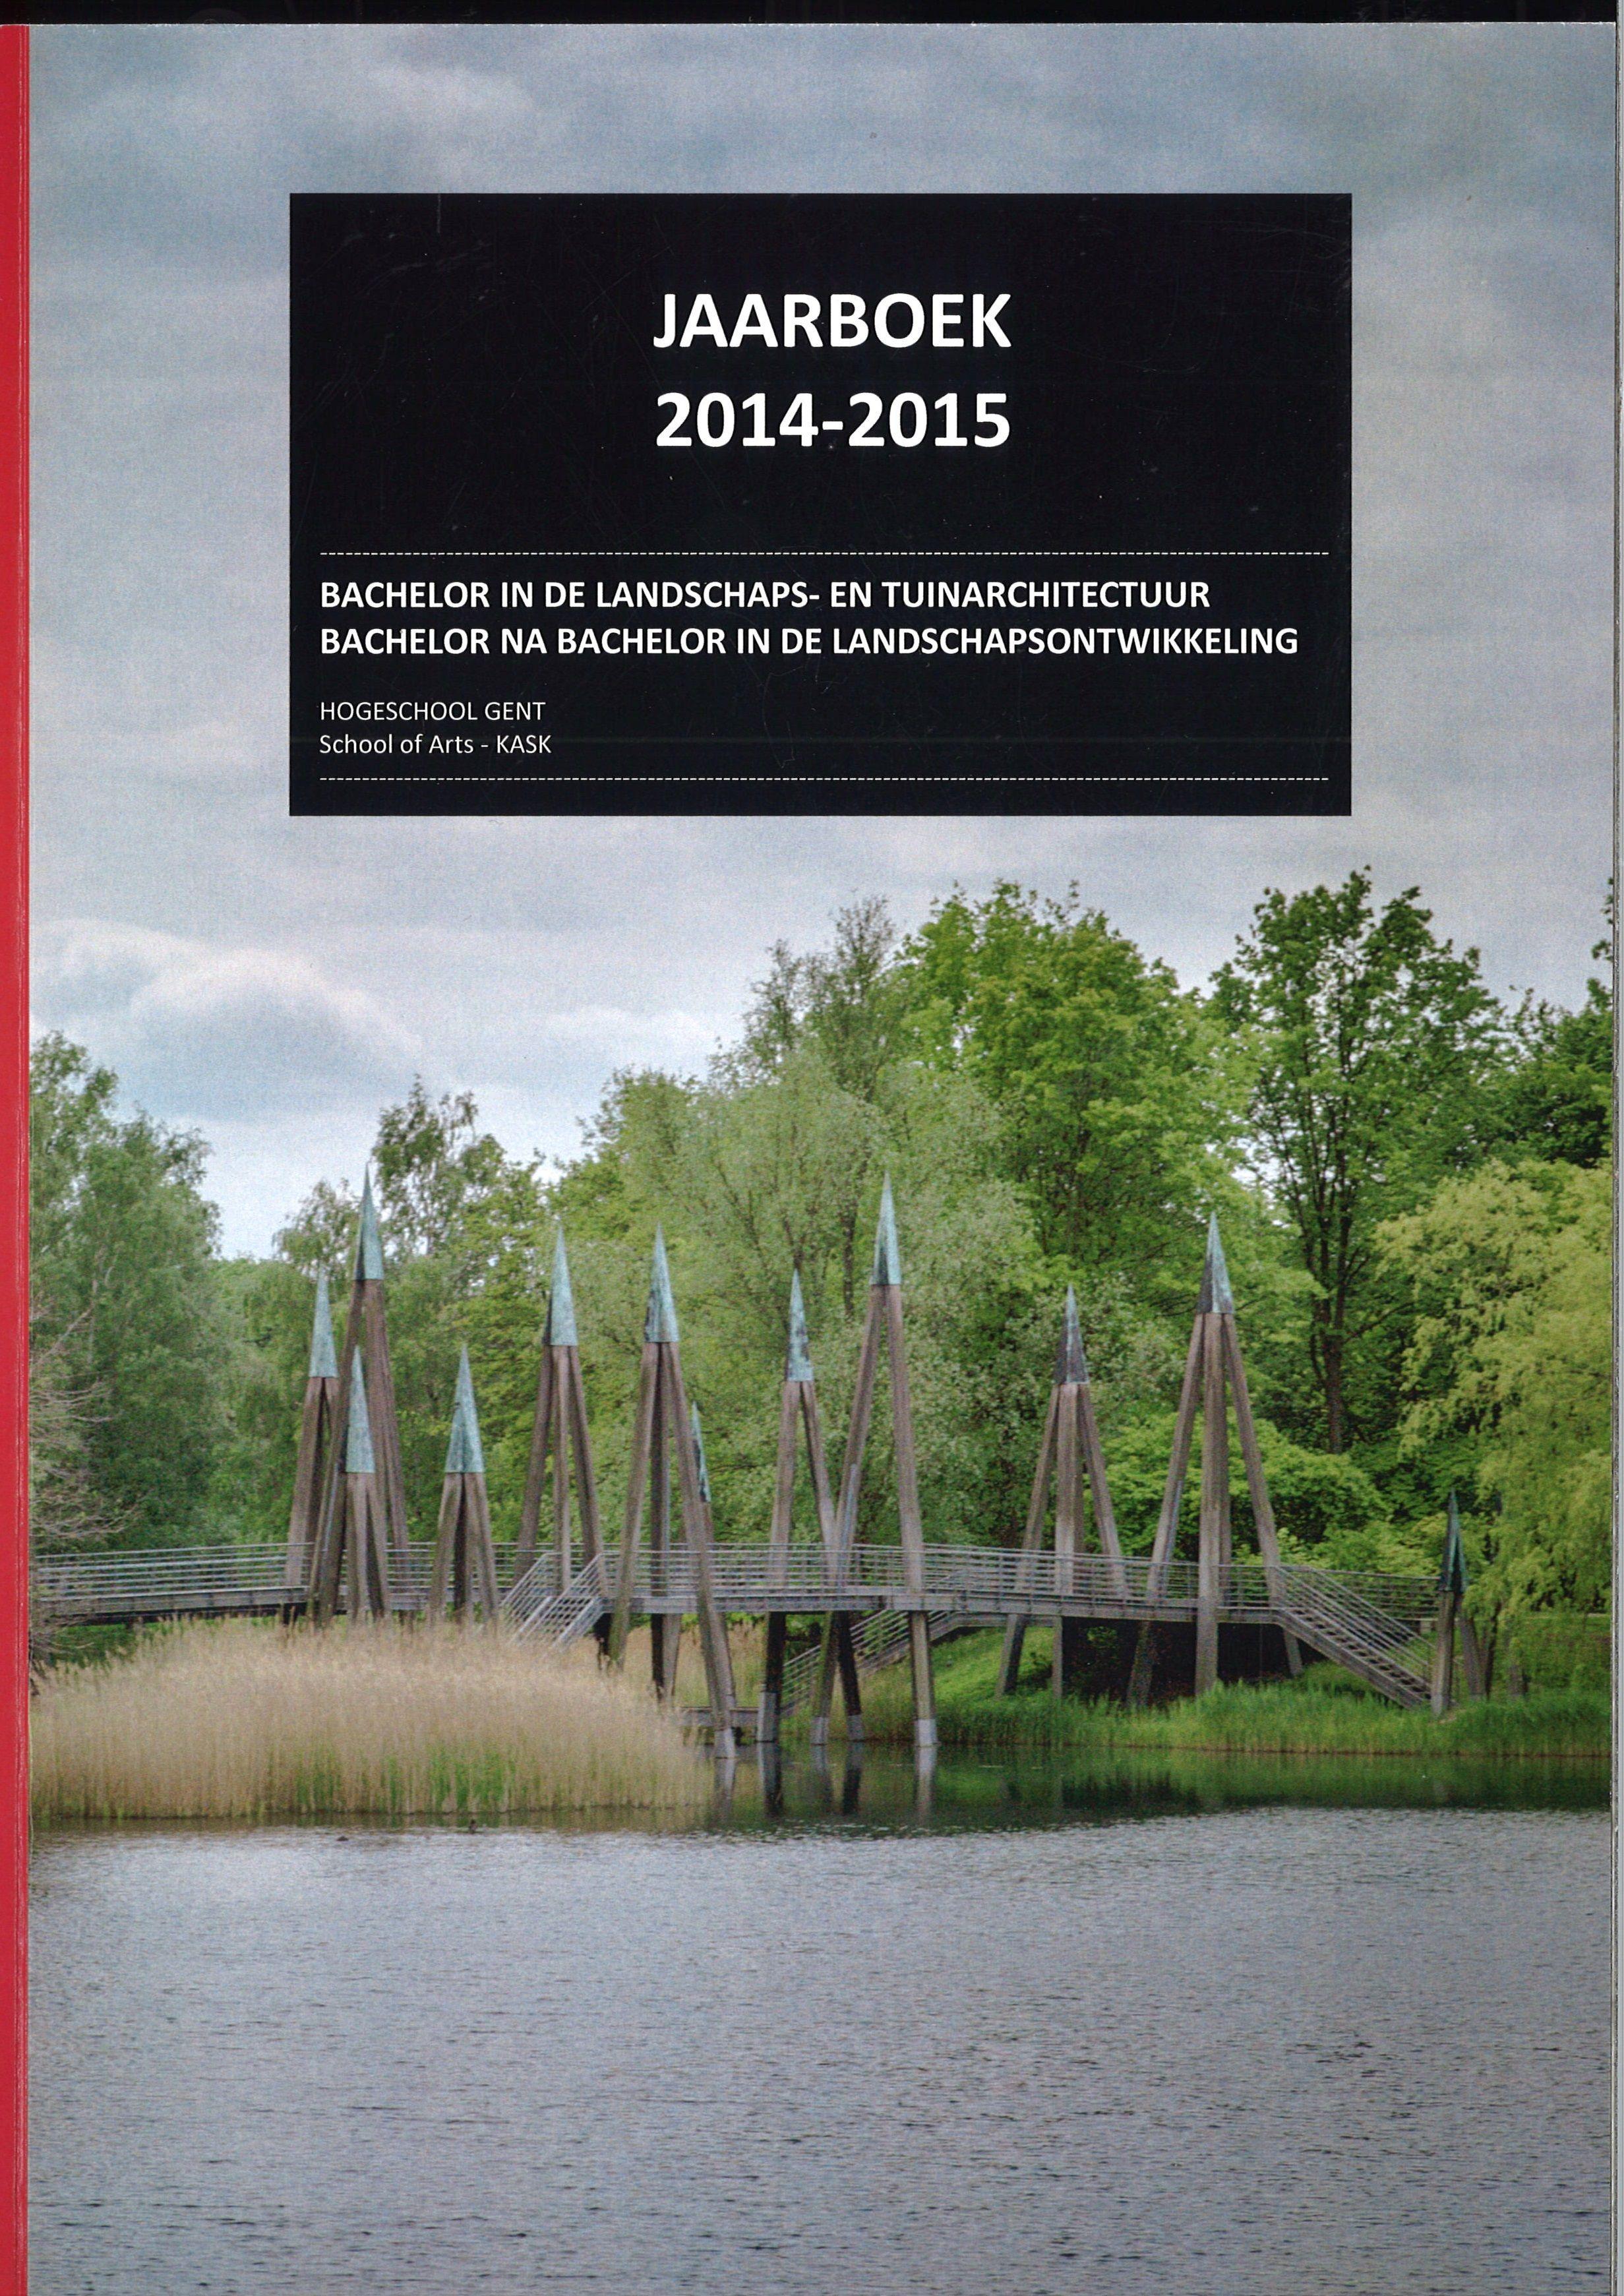 School of Arts - KASK. Jaarboek 2014-2015 bachelor in de landschaps- en tuinarchitectuur. [712.01 JOYE 2015]